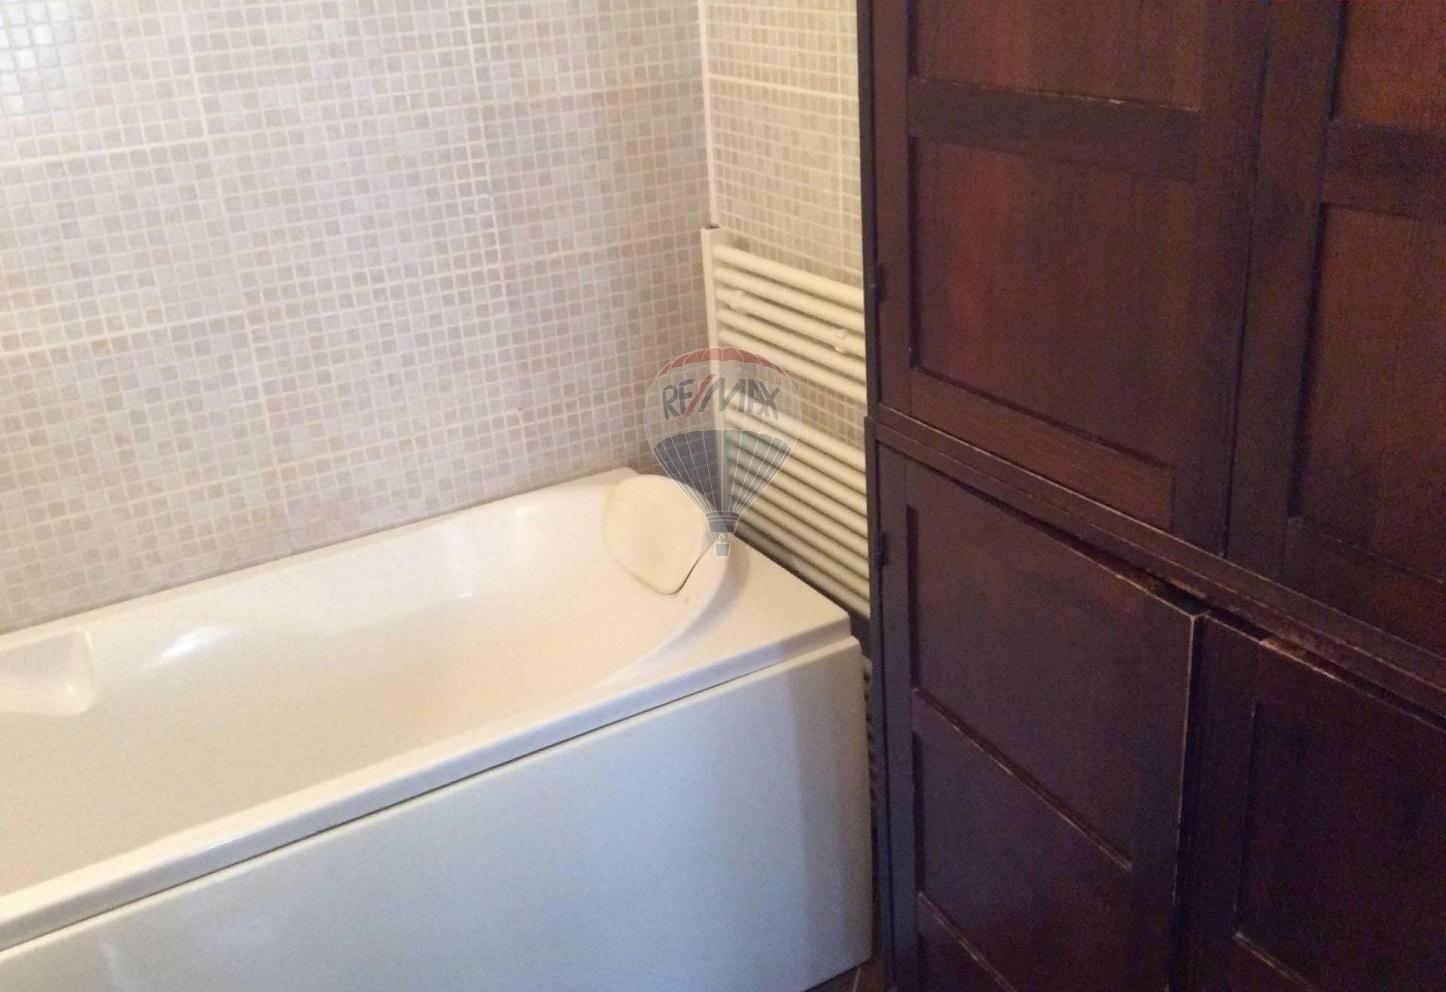 דירת 3 חדרים למכירה בפראג 1 על 78 מר (5)